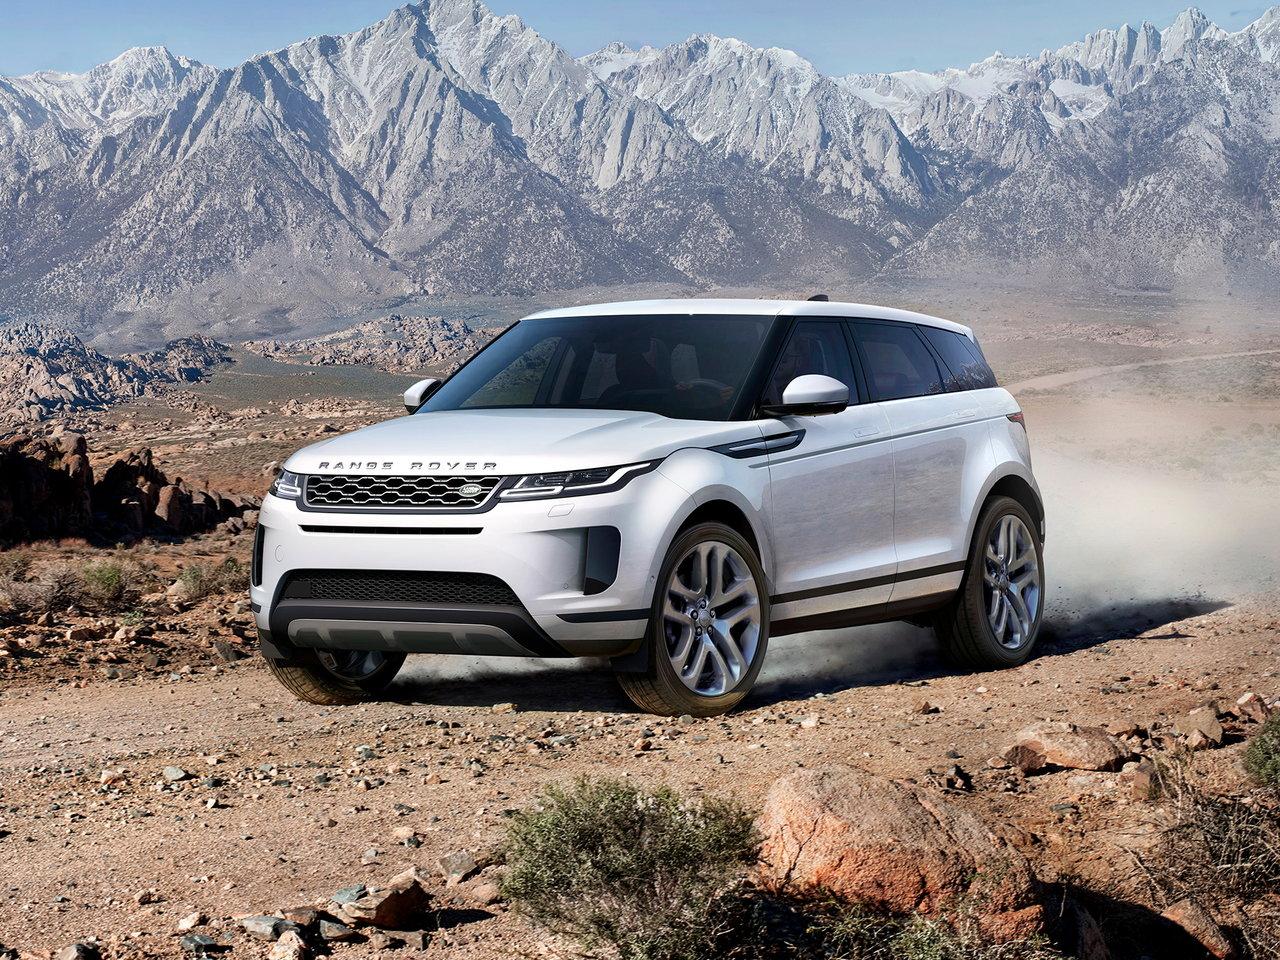 Range Rover Classic - Wikipedia | 960x1280